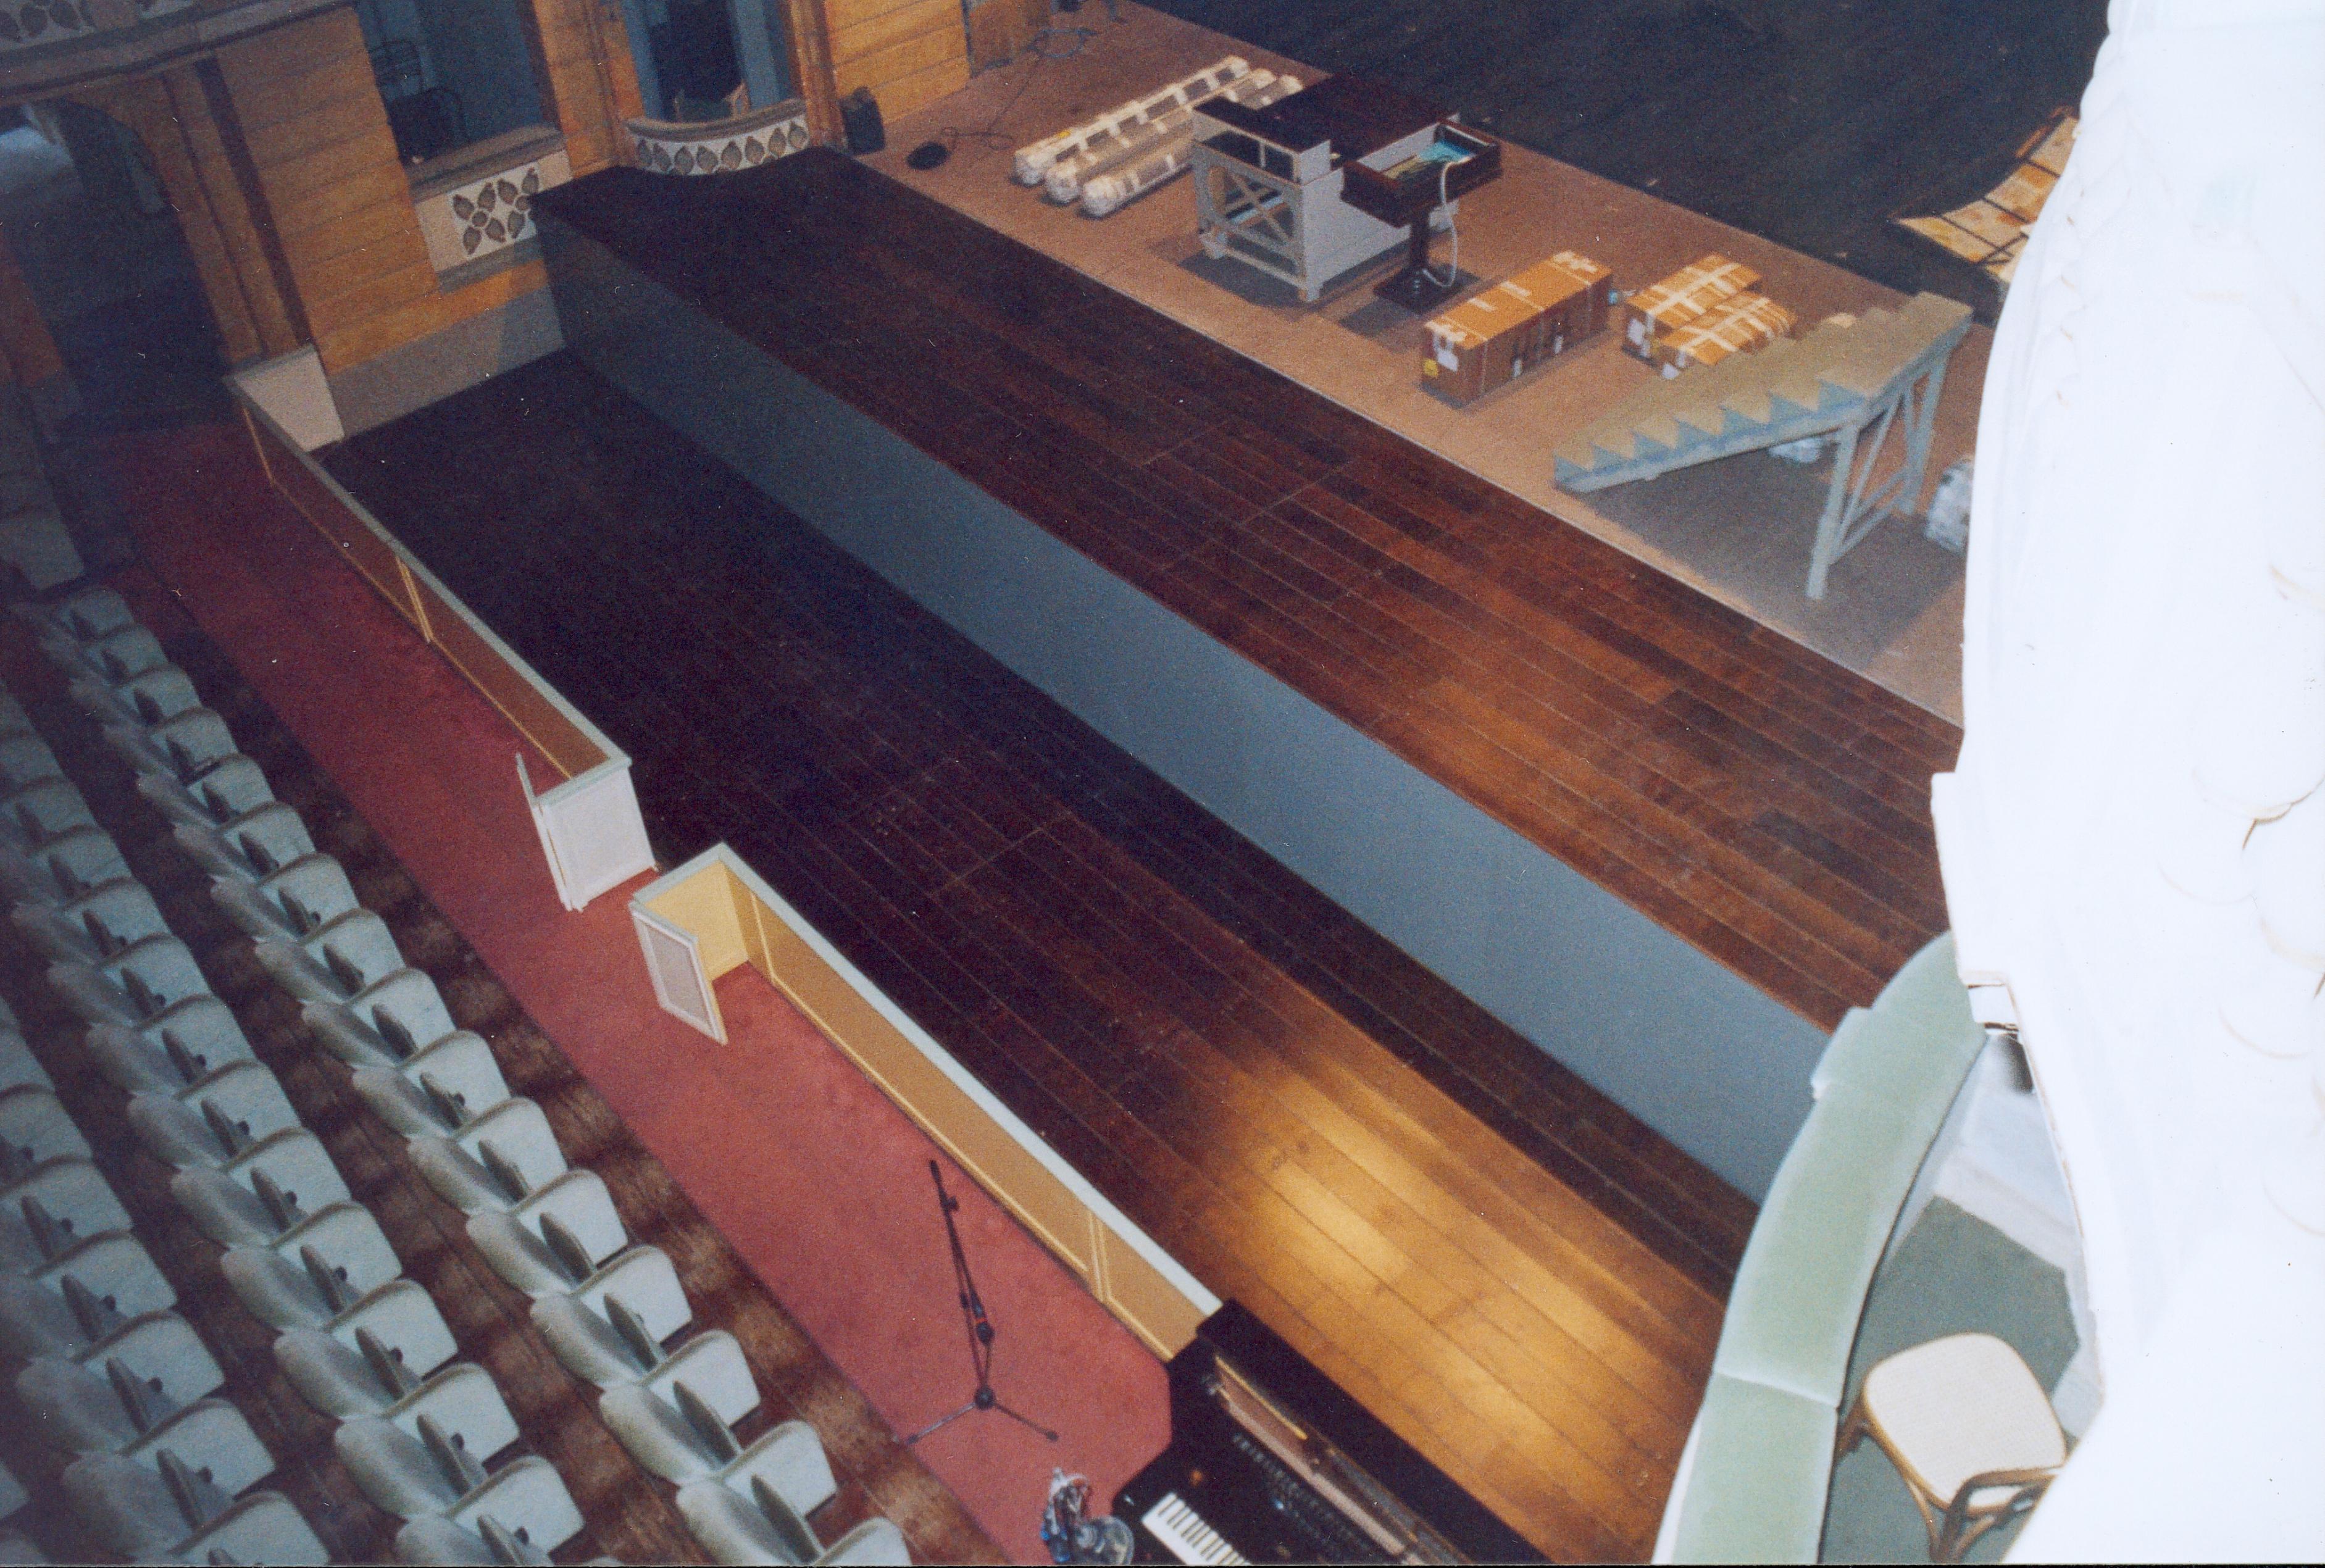 Golfo mistico movimentato con due piattaforme. Opera realizzata presso il Teatro Fraschini di Pavia